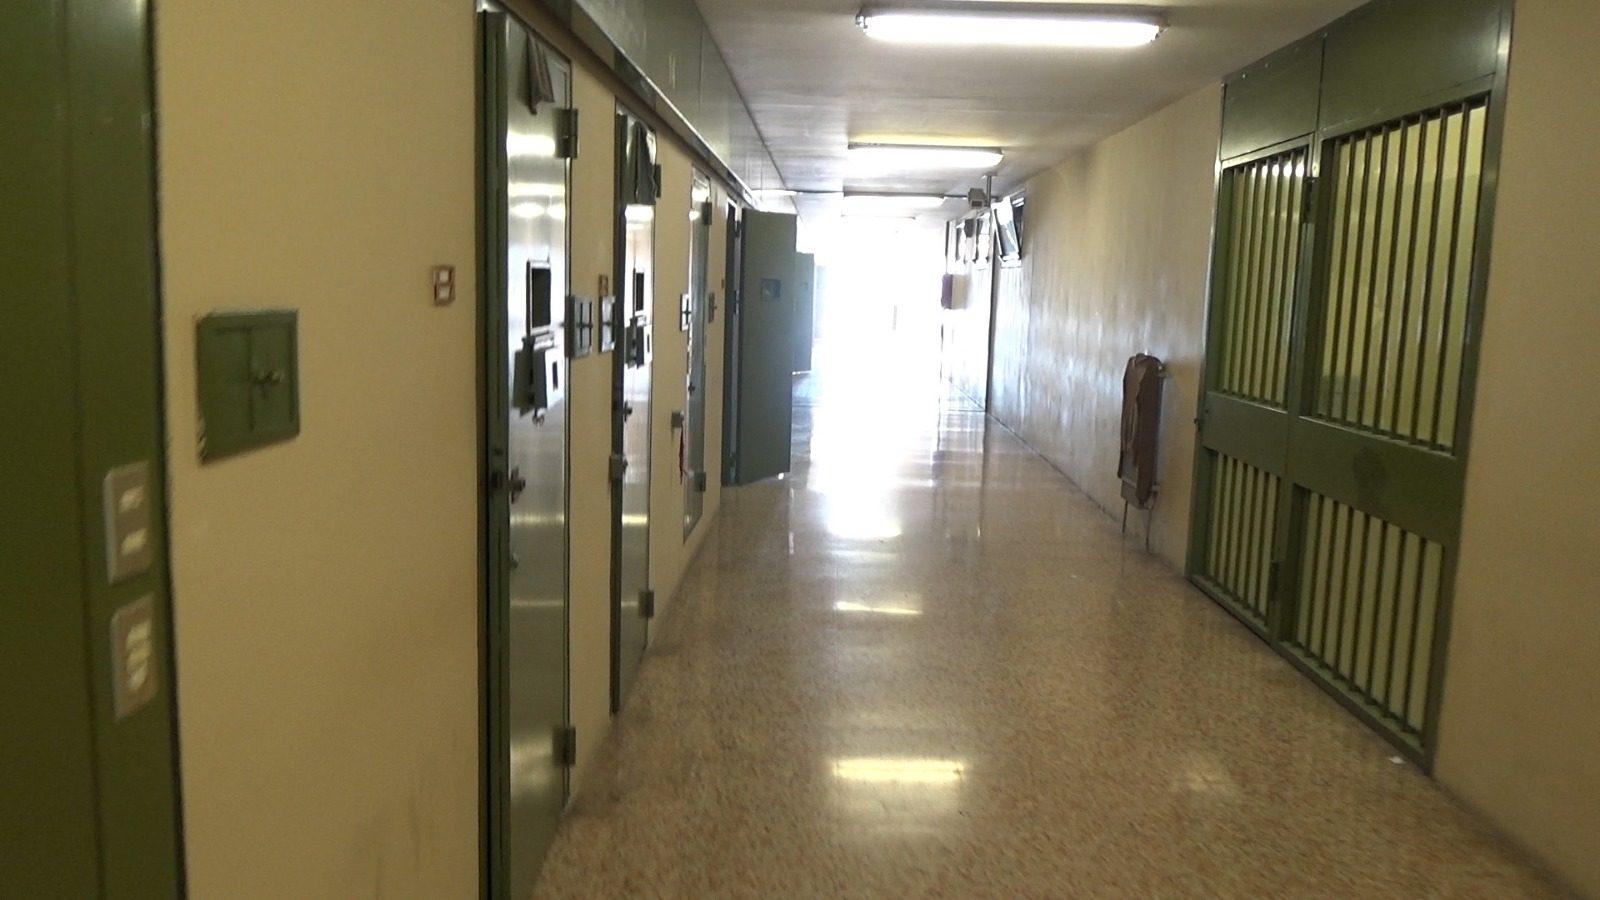 Ora conosciamo l'orrore del carcere di Viterbo: non possiamo chiudere gli occhi